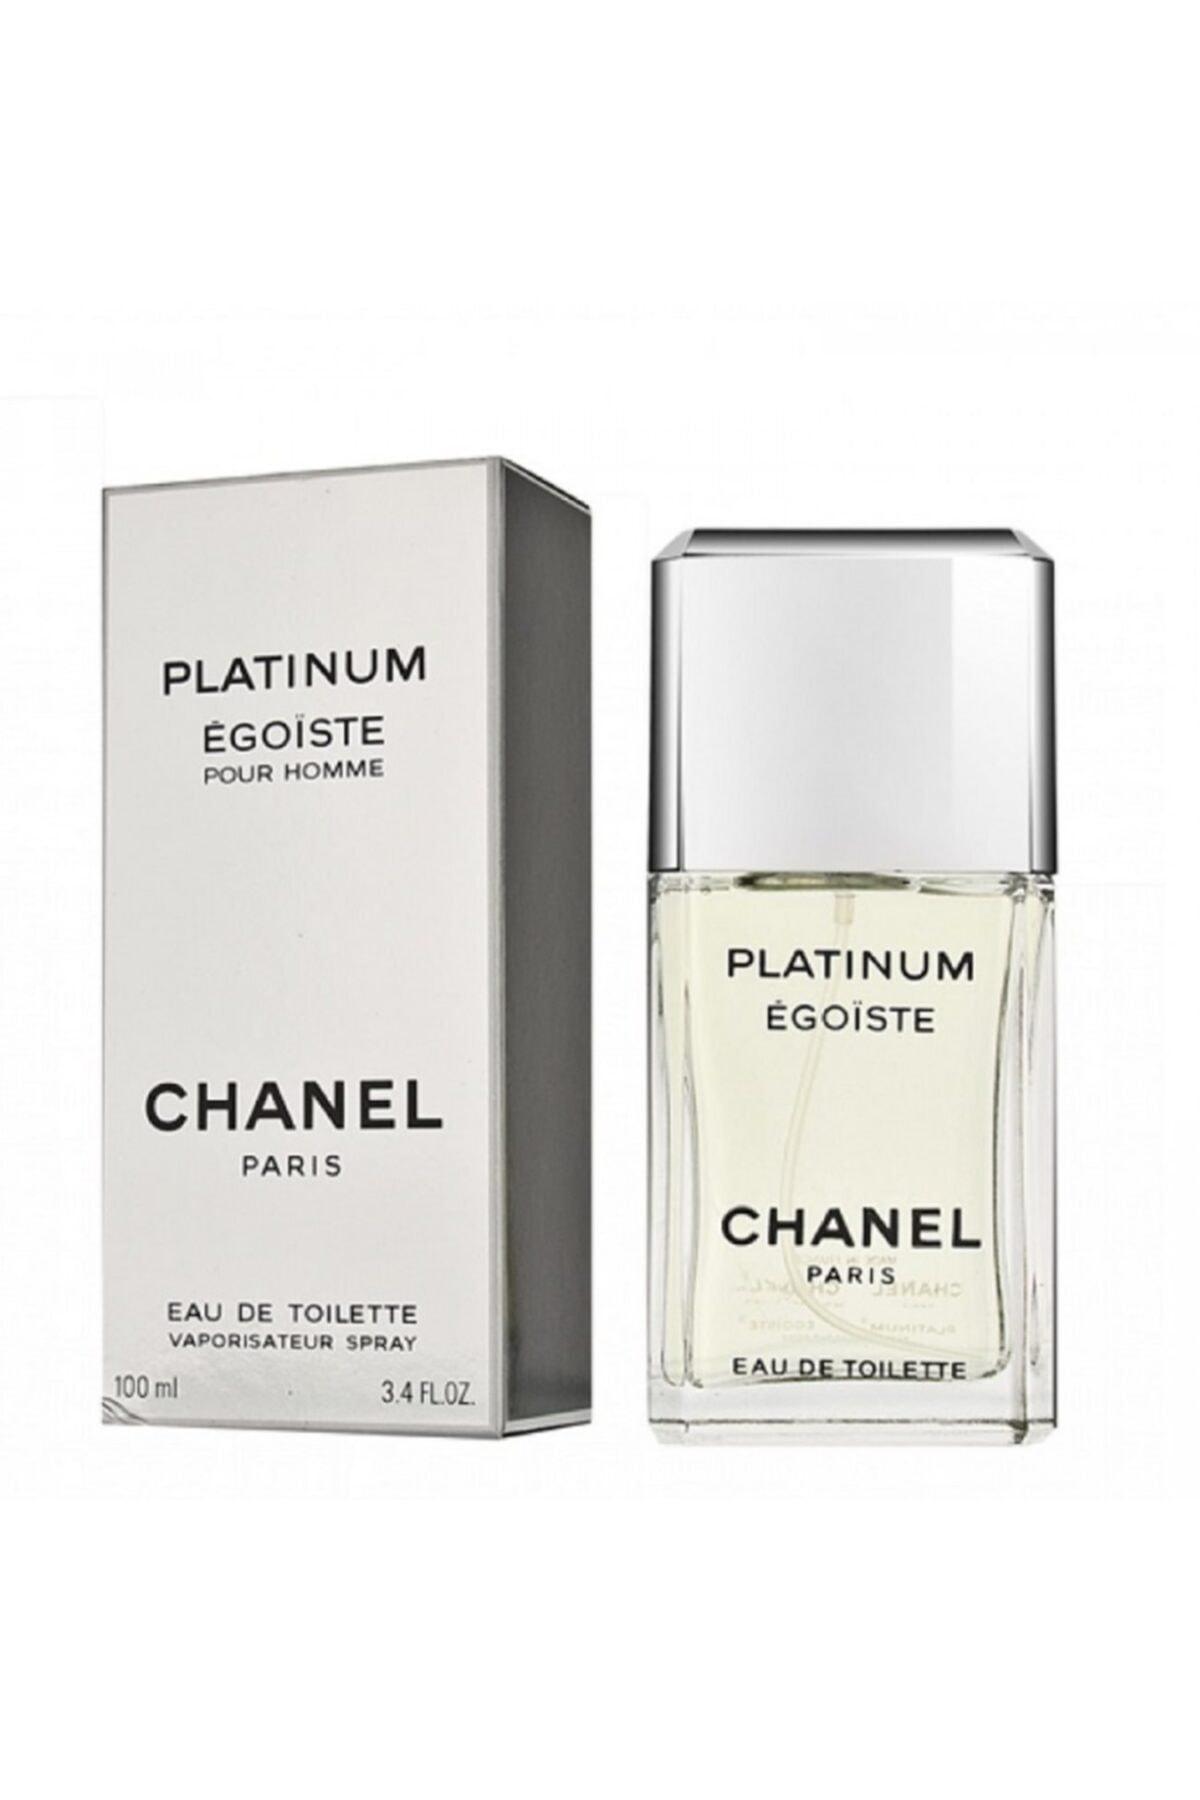 Chanel Erkek Parfüm Platinum Edt 100 ml 1